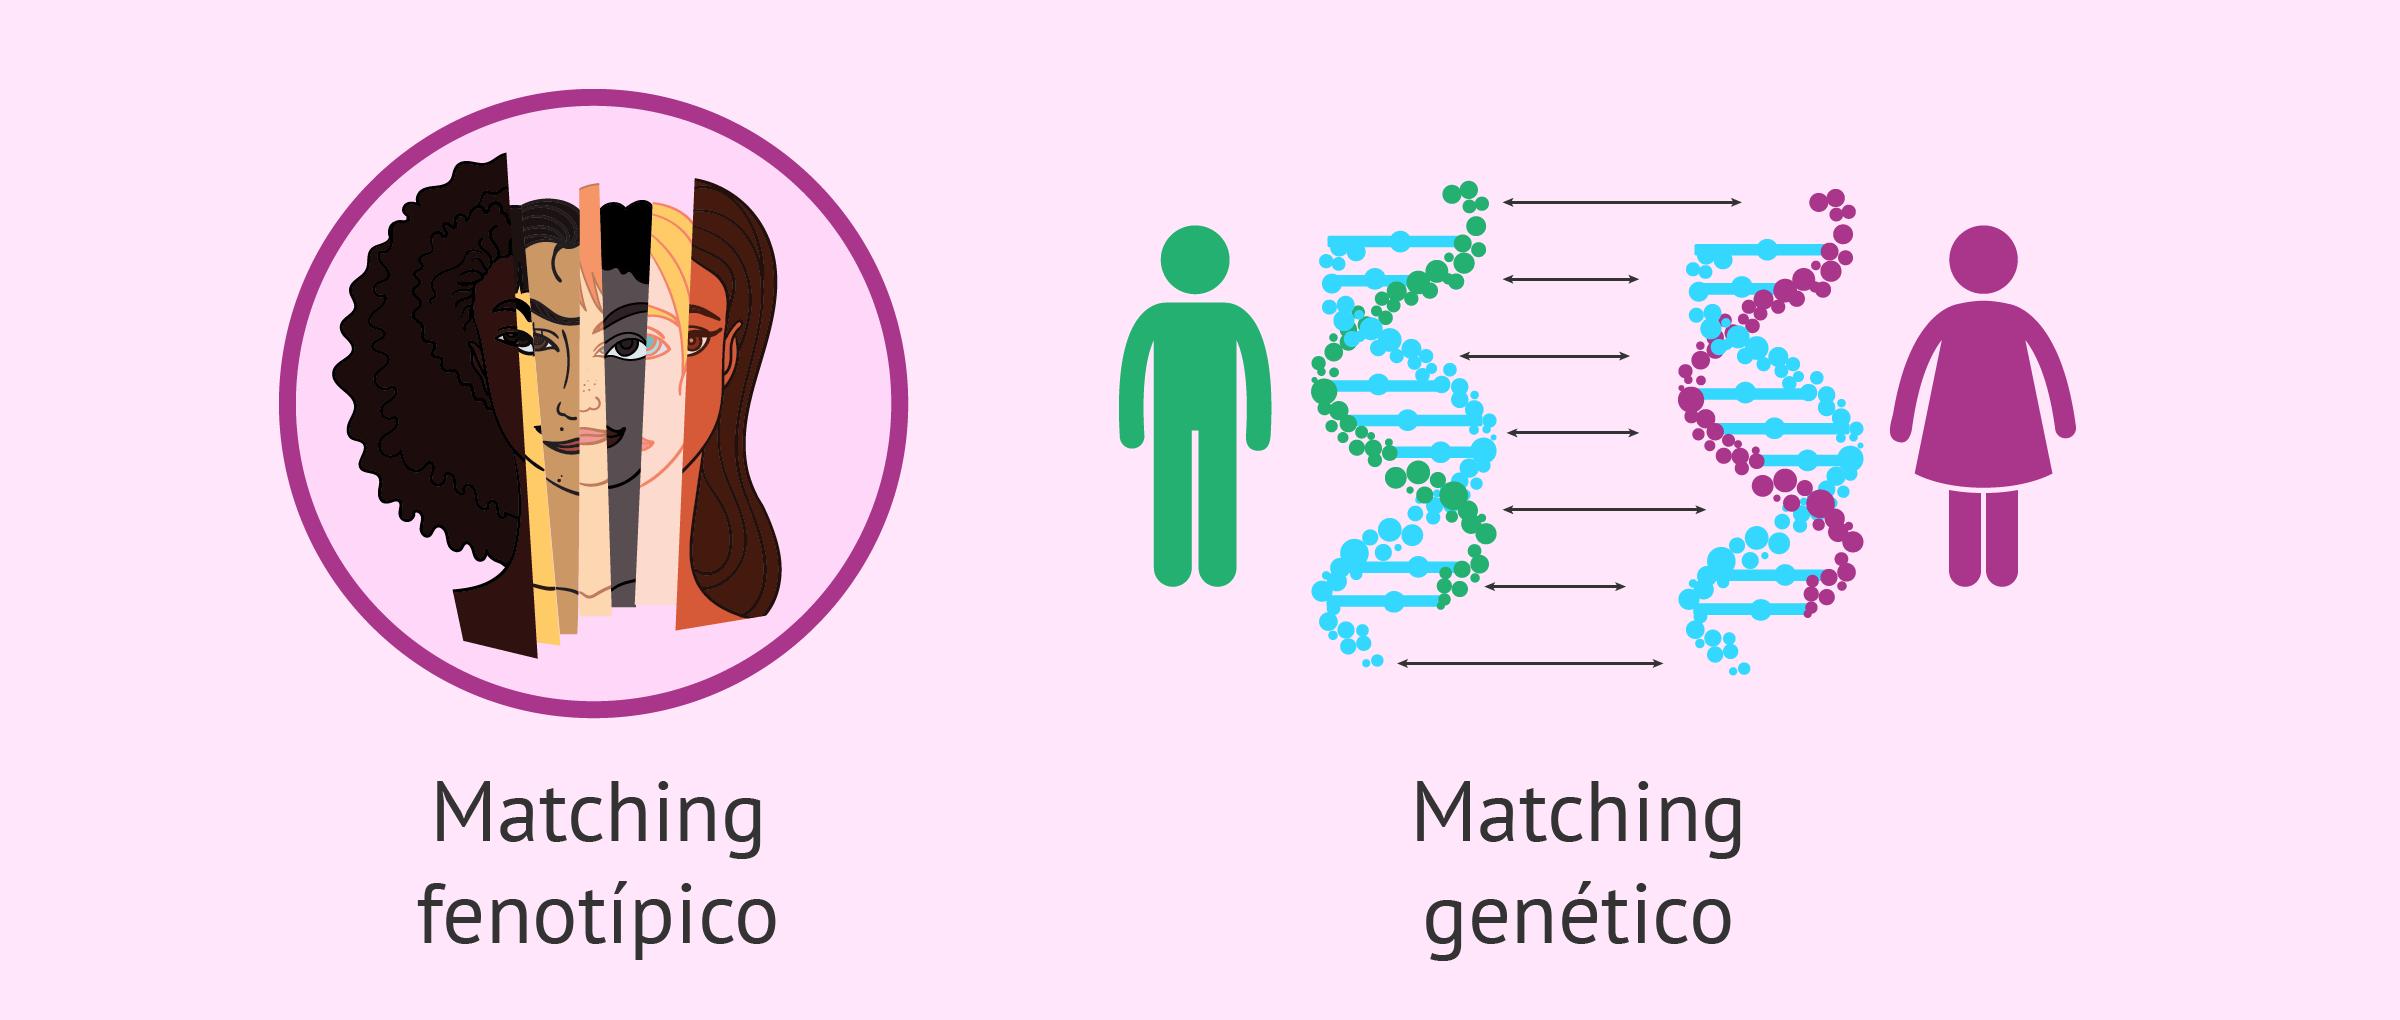 Matching fenotípico y genético de los donantes de gametos